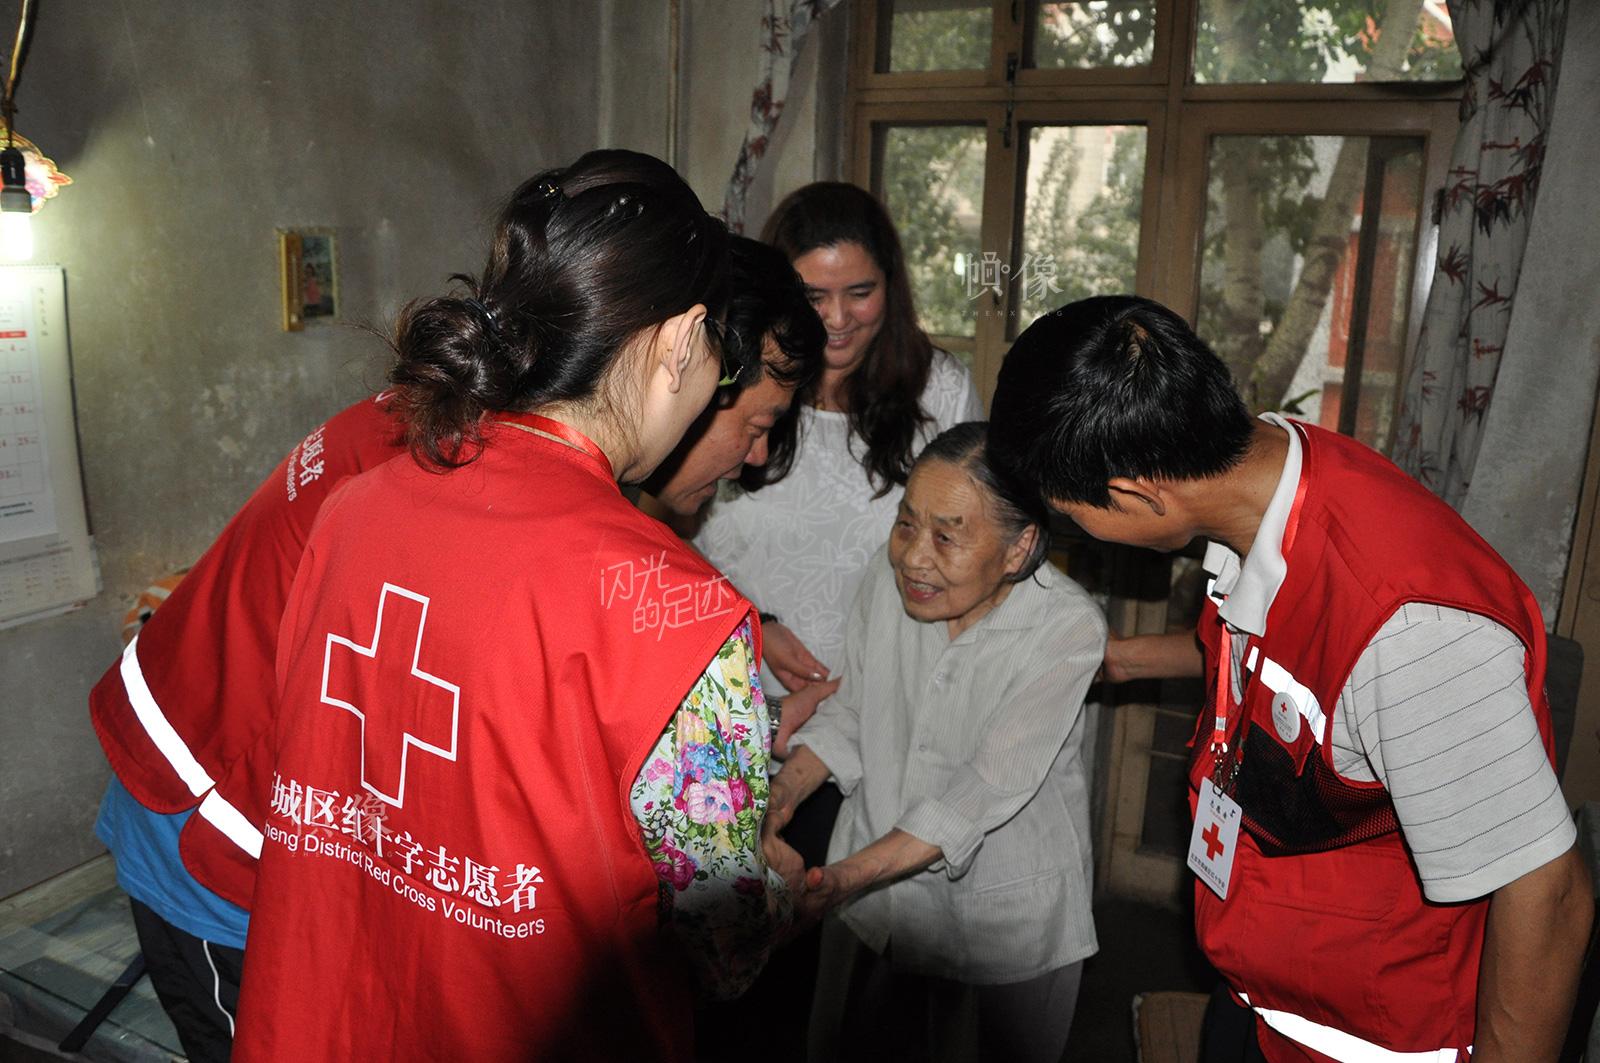 北京市西城区红十字会希望之光志愿者服务队看望爱心人士张奶奶。(北京市西城区红十字会供图)